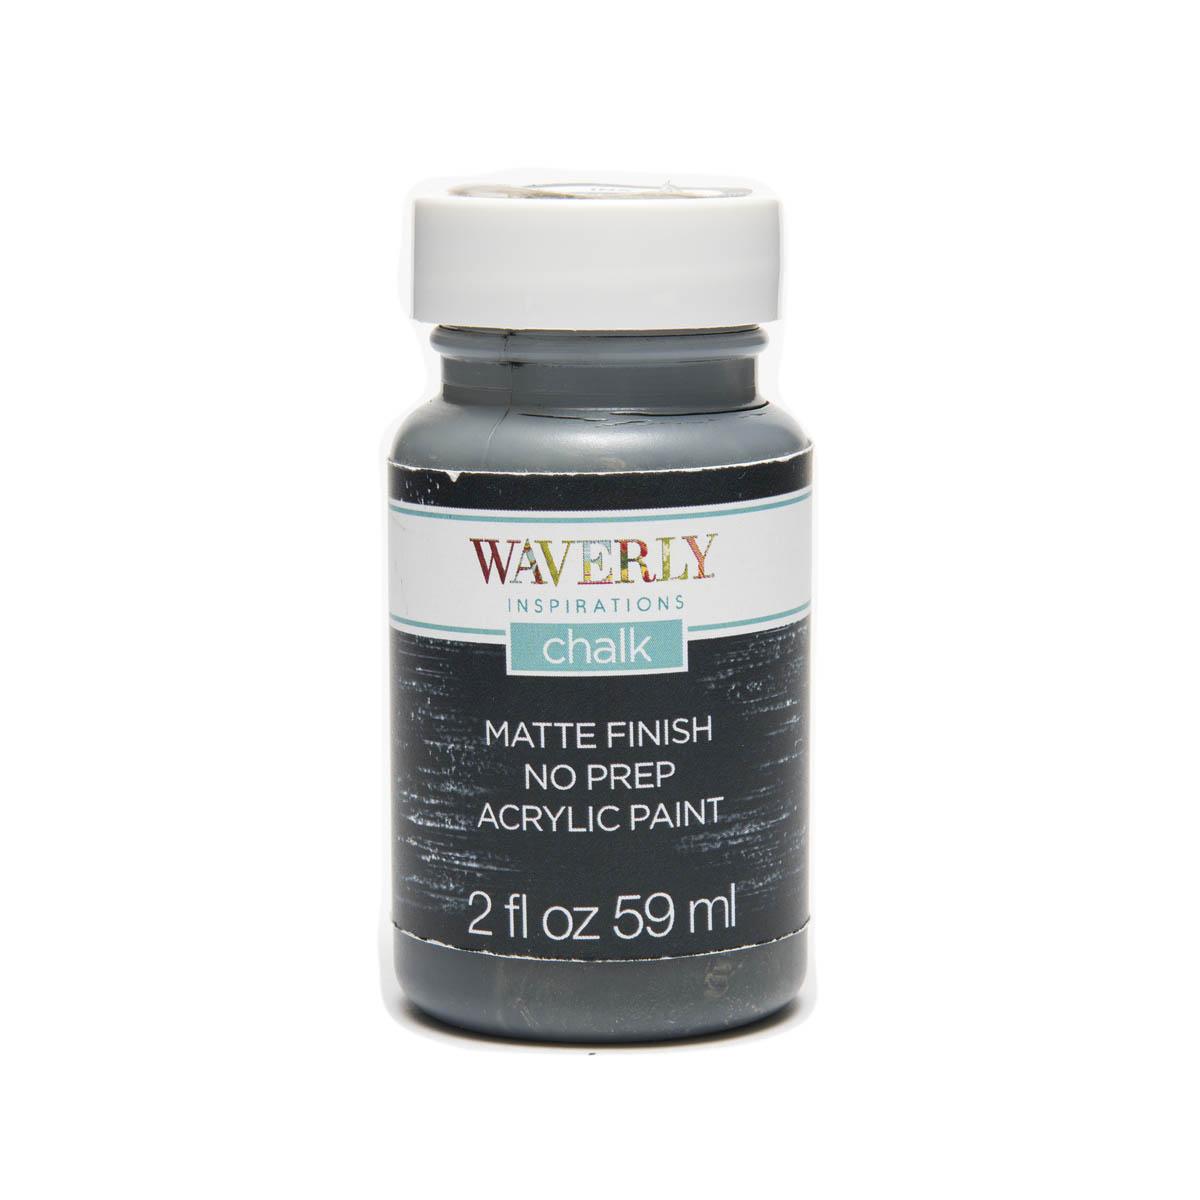 Waverly ® Inspirations Chalk Finish Acrylic Paint - Ink, 2 oz. - 60898E